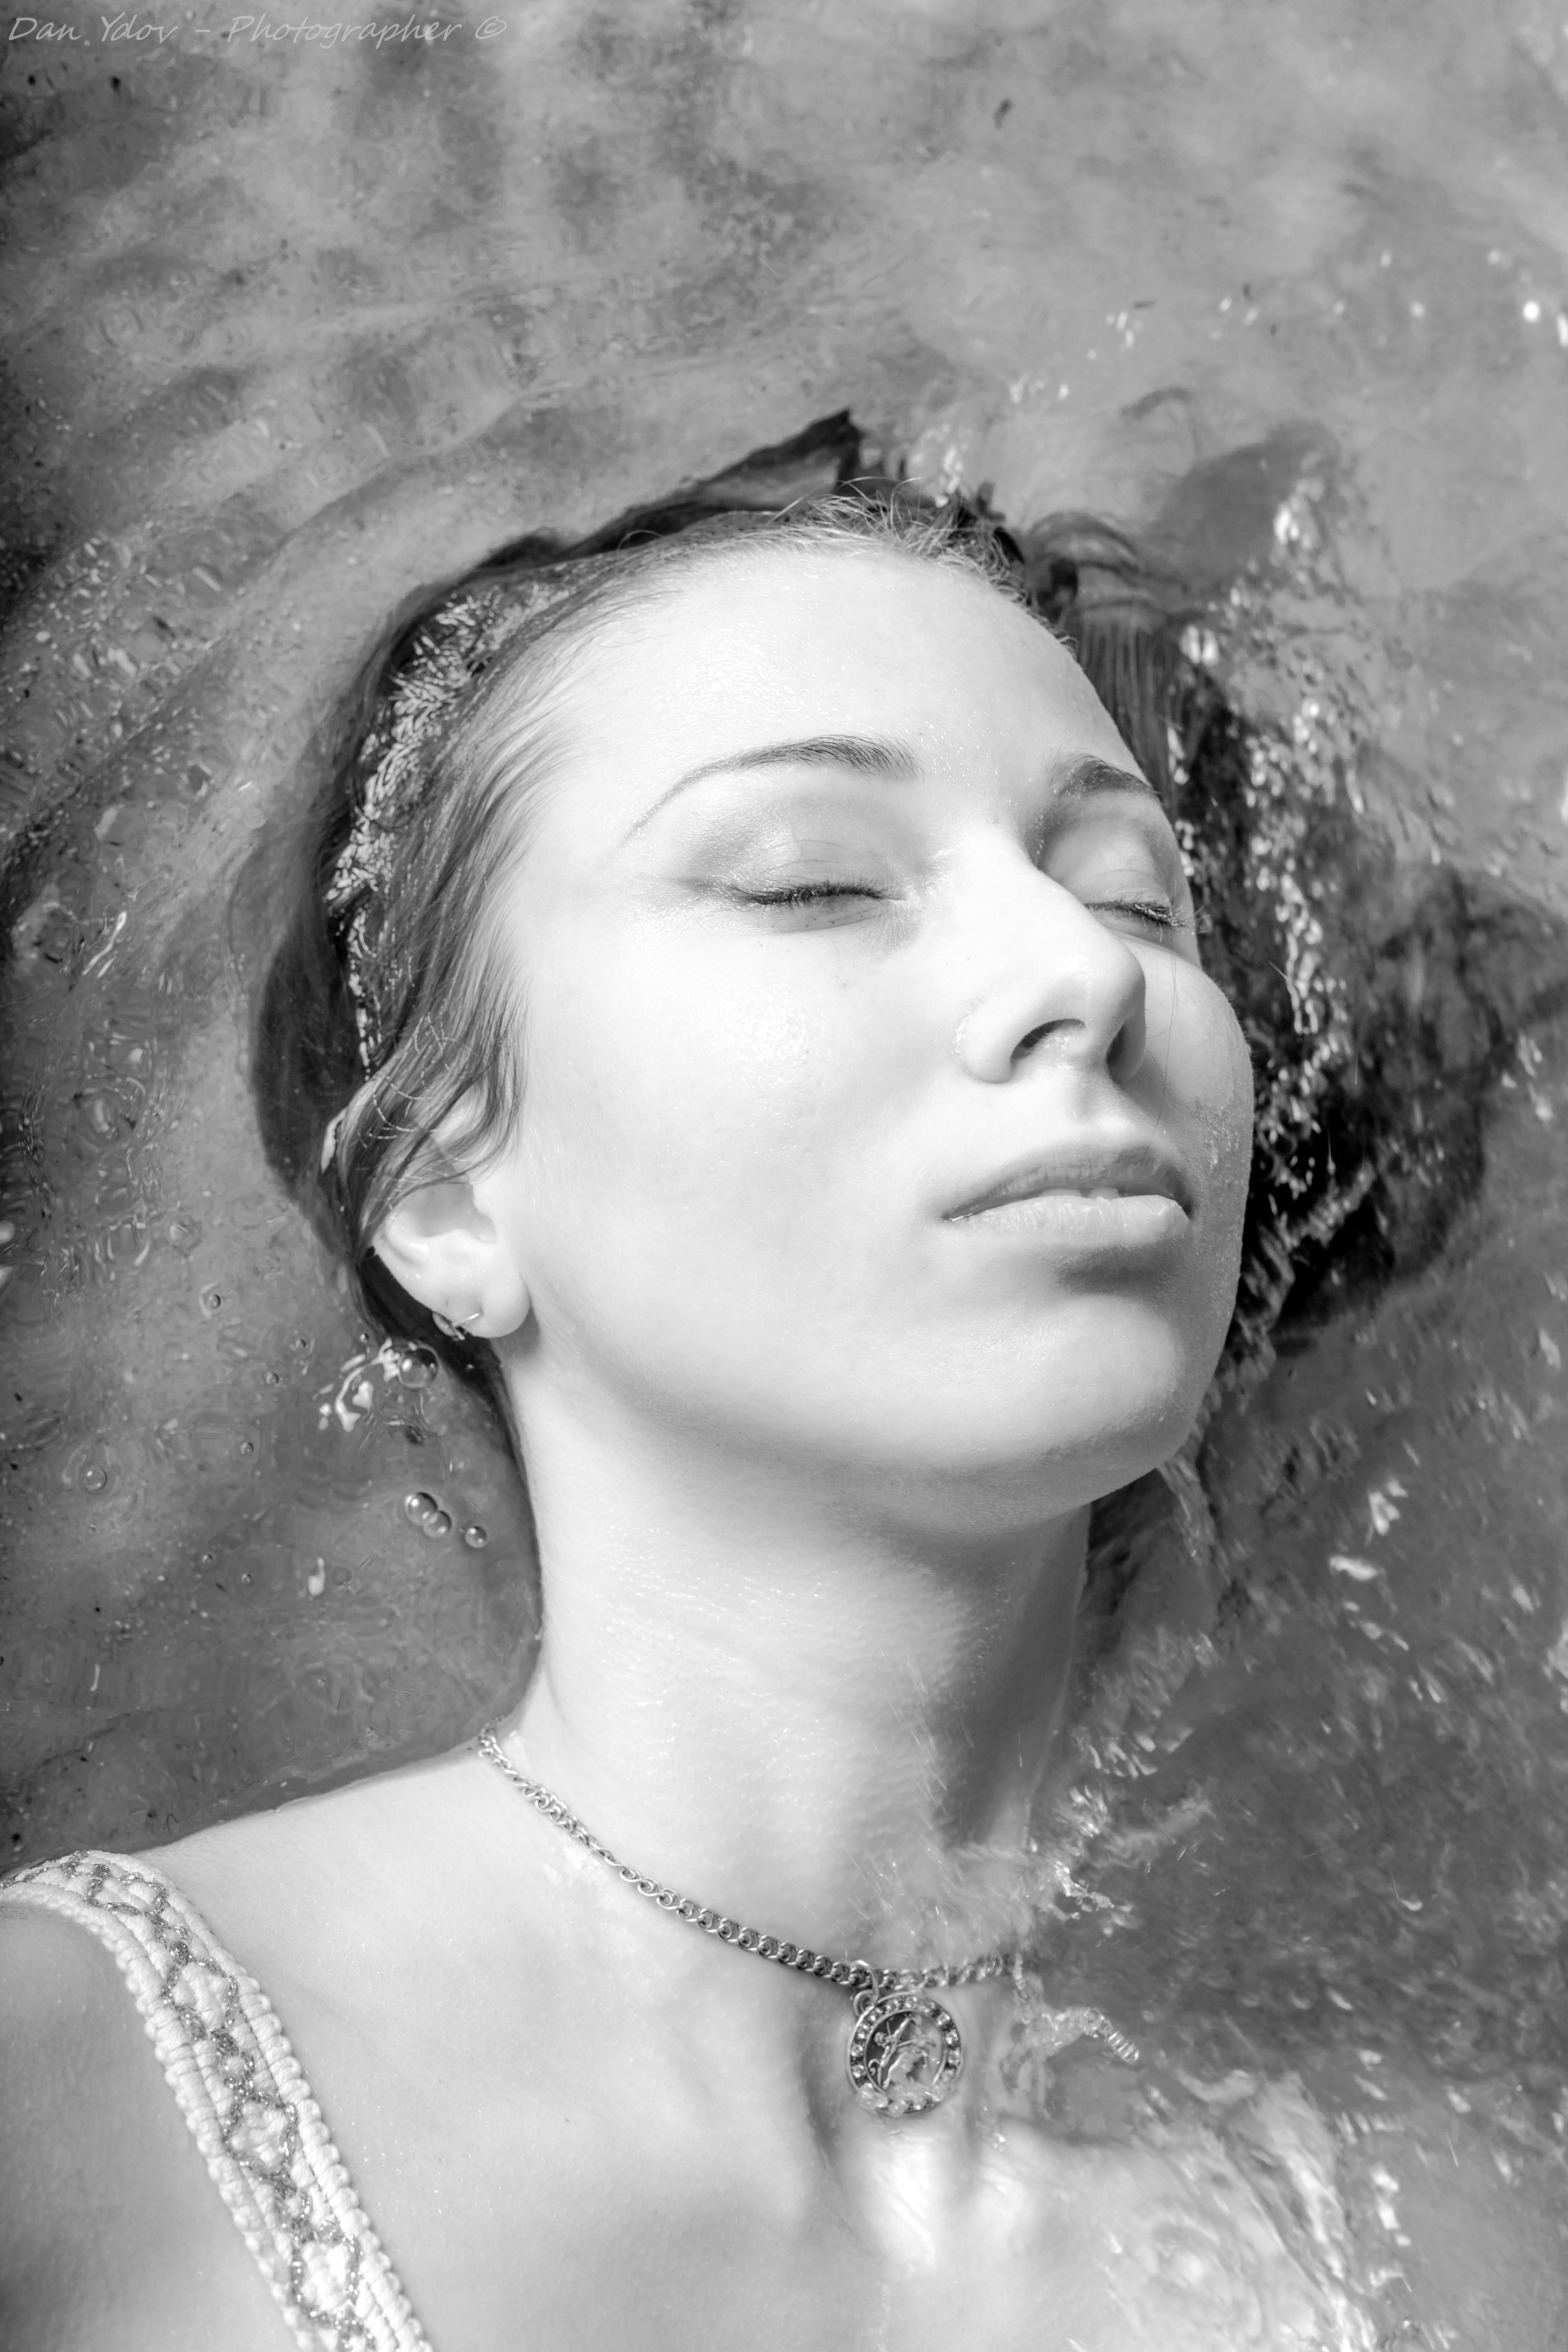 צלם פורטרט, זלטוסלבה, שחור לבן, צילו